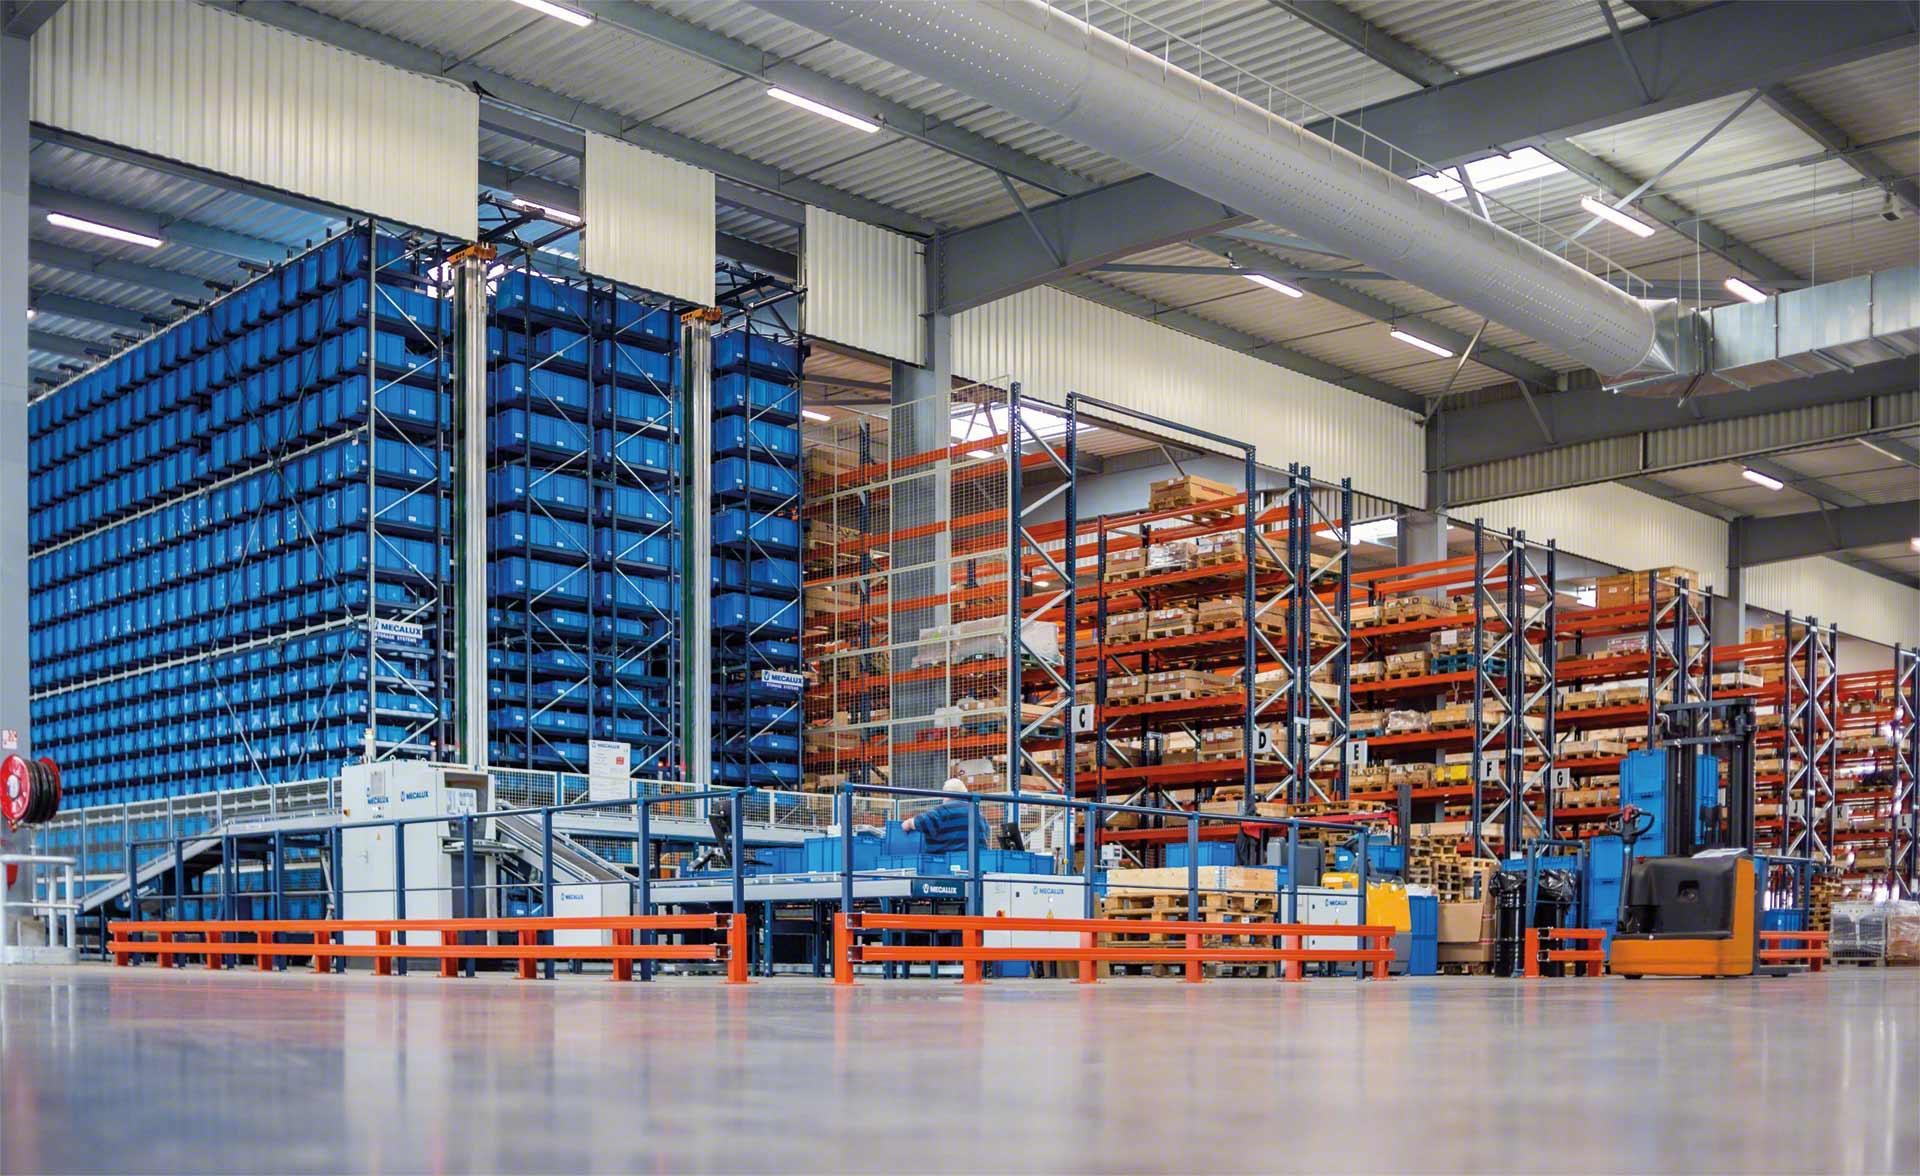 Los racks son el sistema de almacenamiento más eficaz para gestionar la mercancía